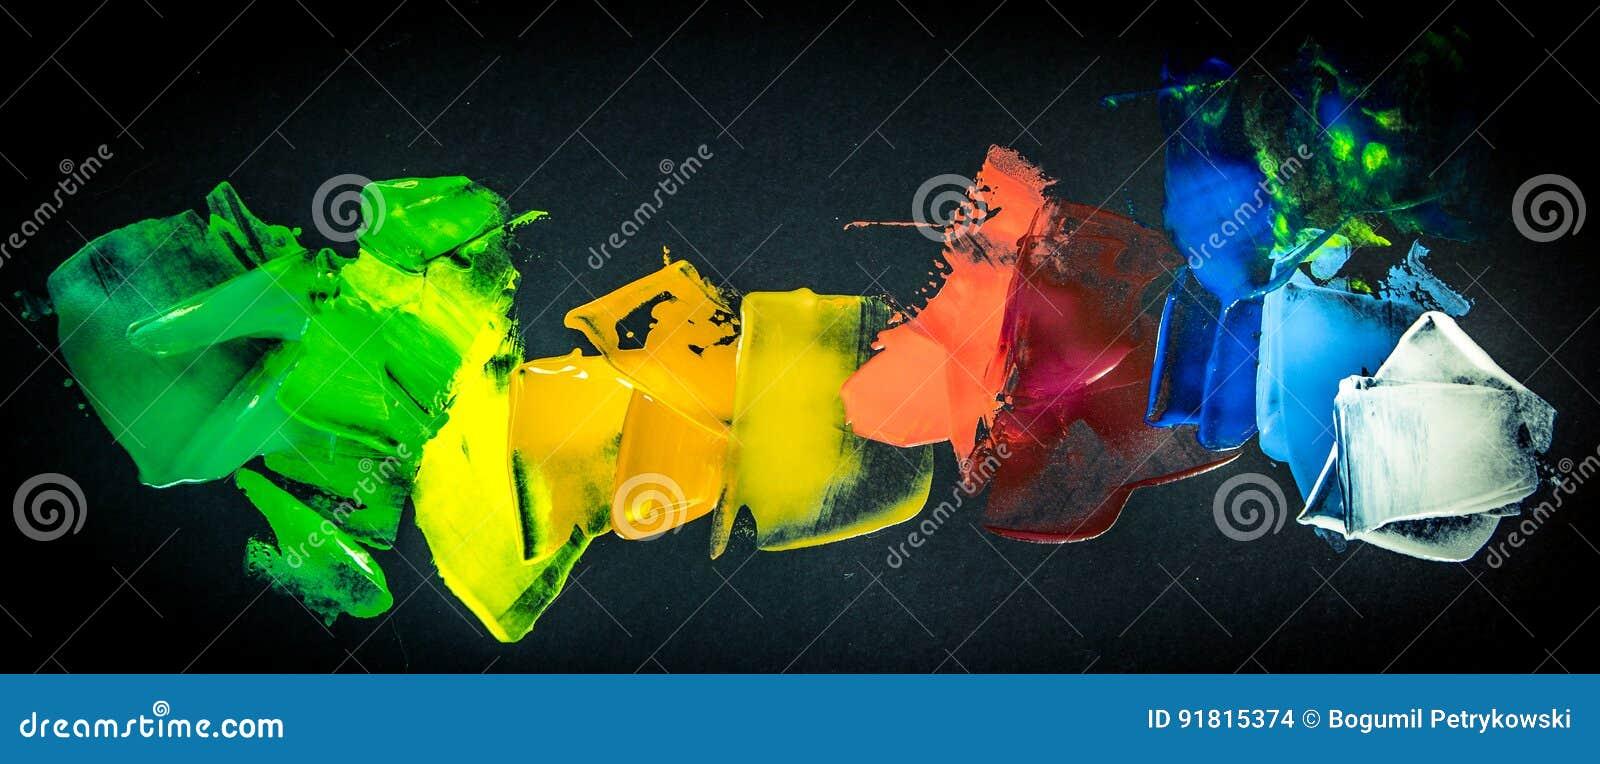 Paint color palette on black background